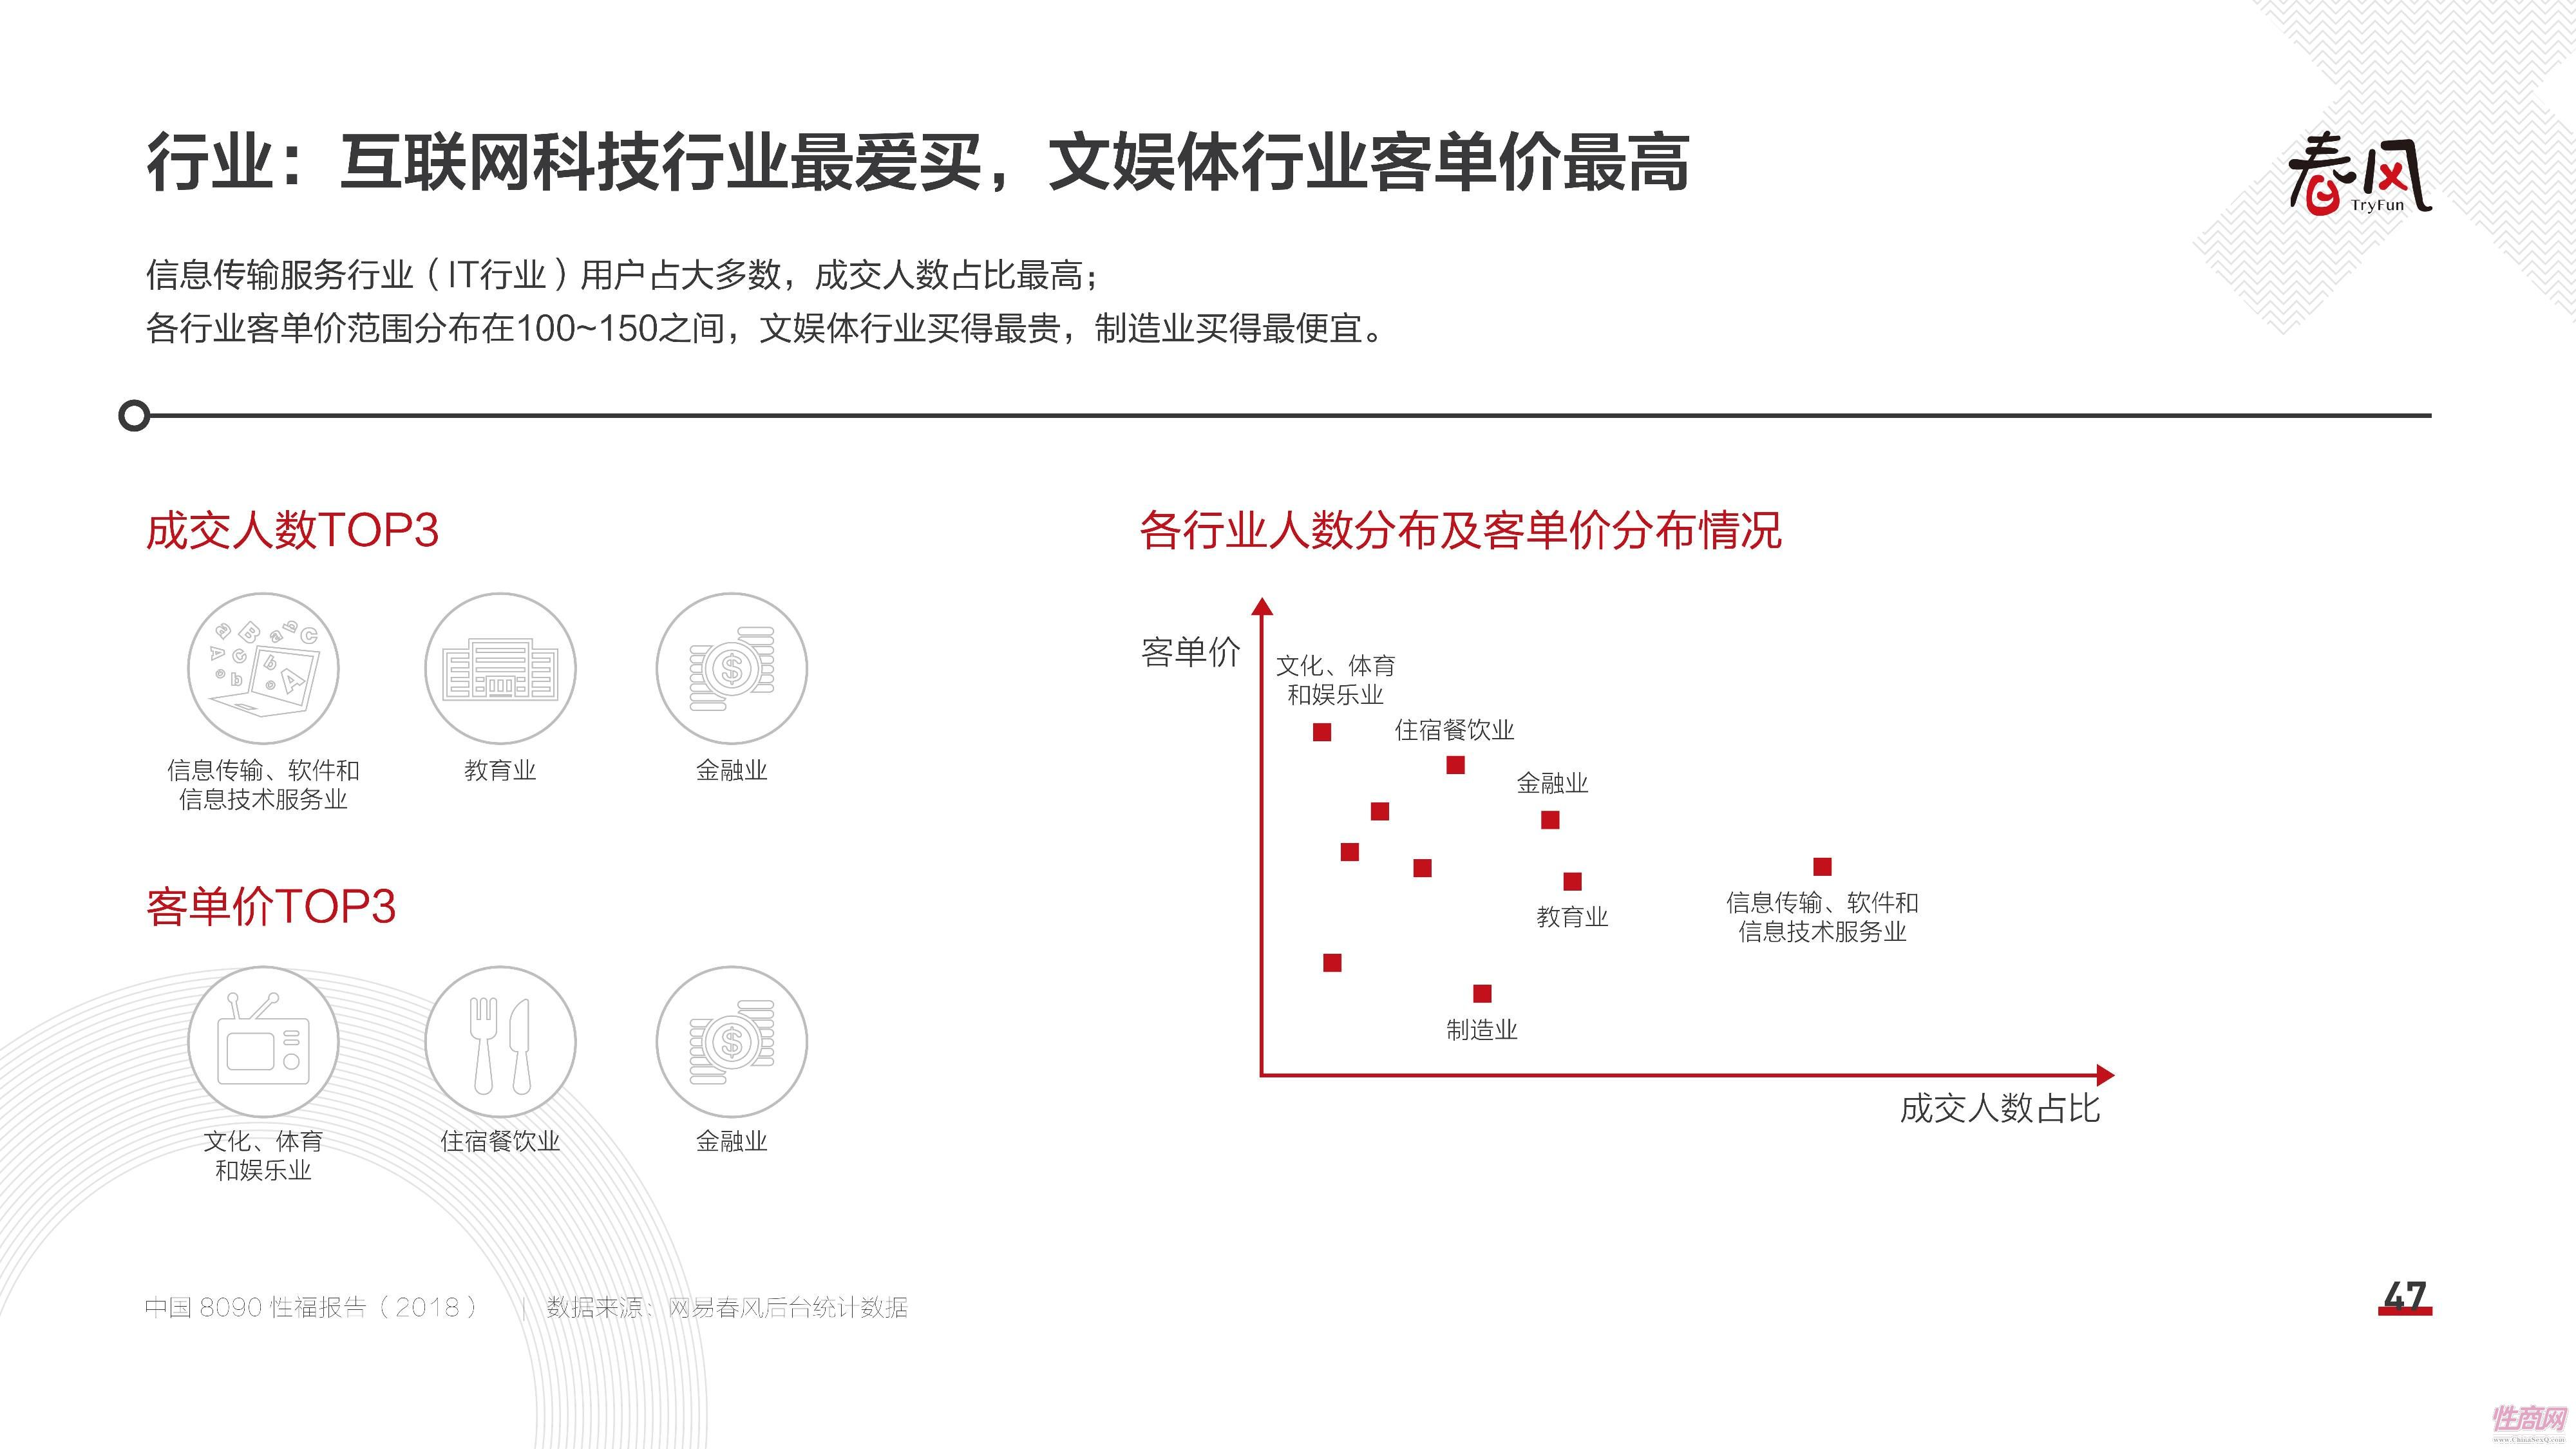 18中国8090性福报告 (46)